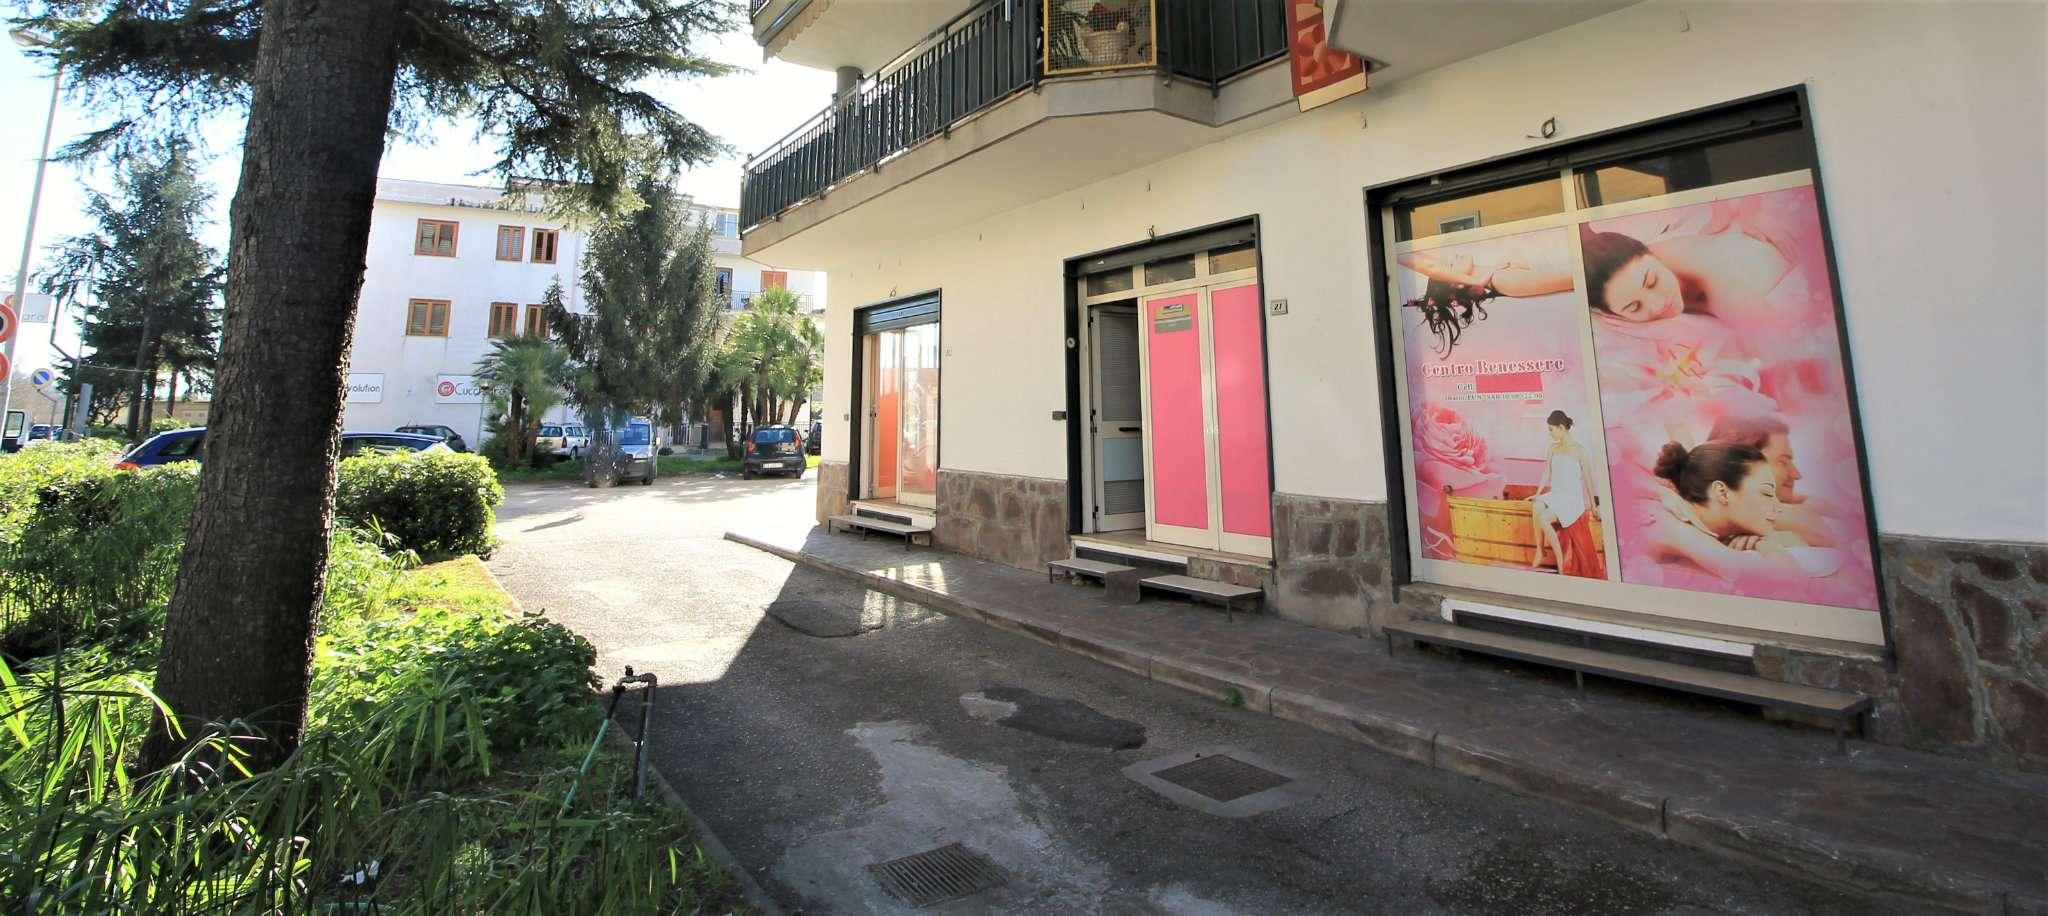 Negozio / Locale in affitto a San Vitaliano, 1 locali, prezzo € 1.300 | CambioCasa.it